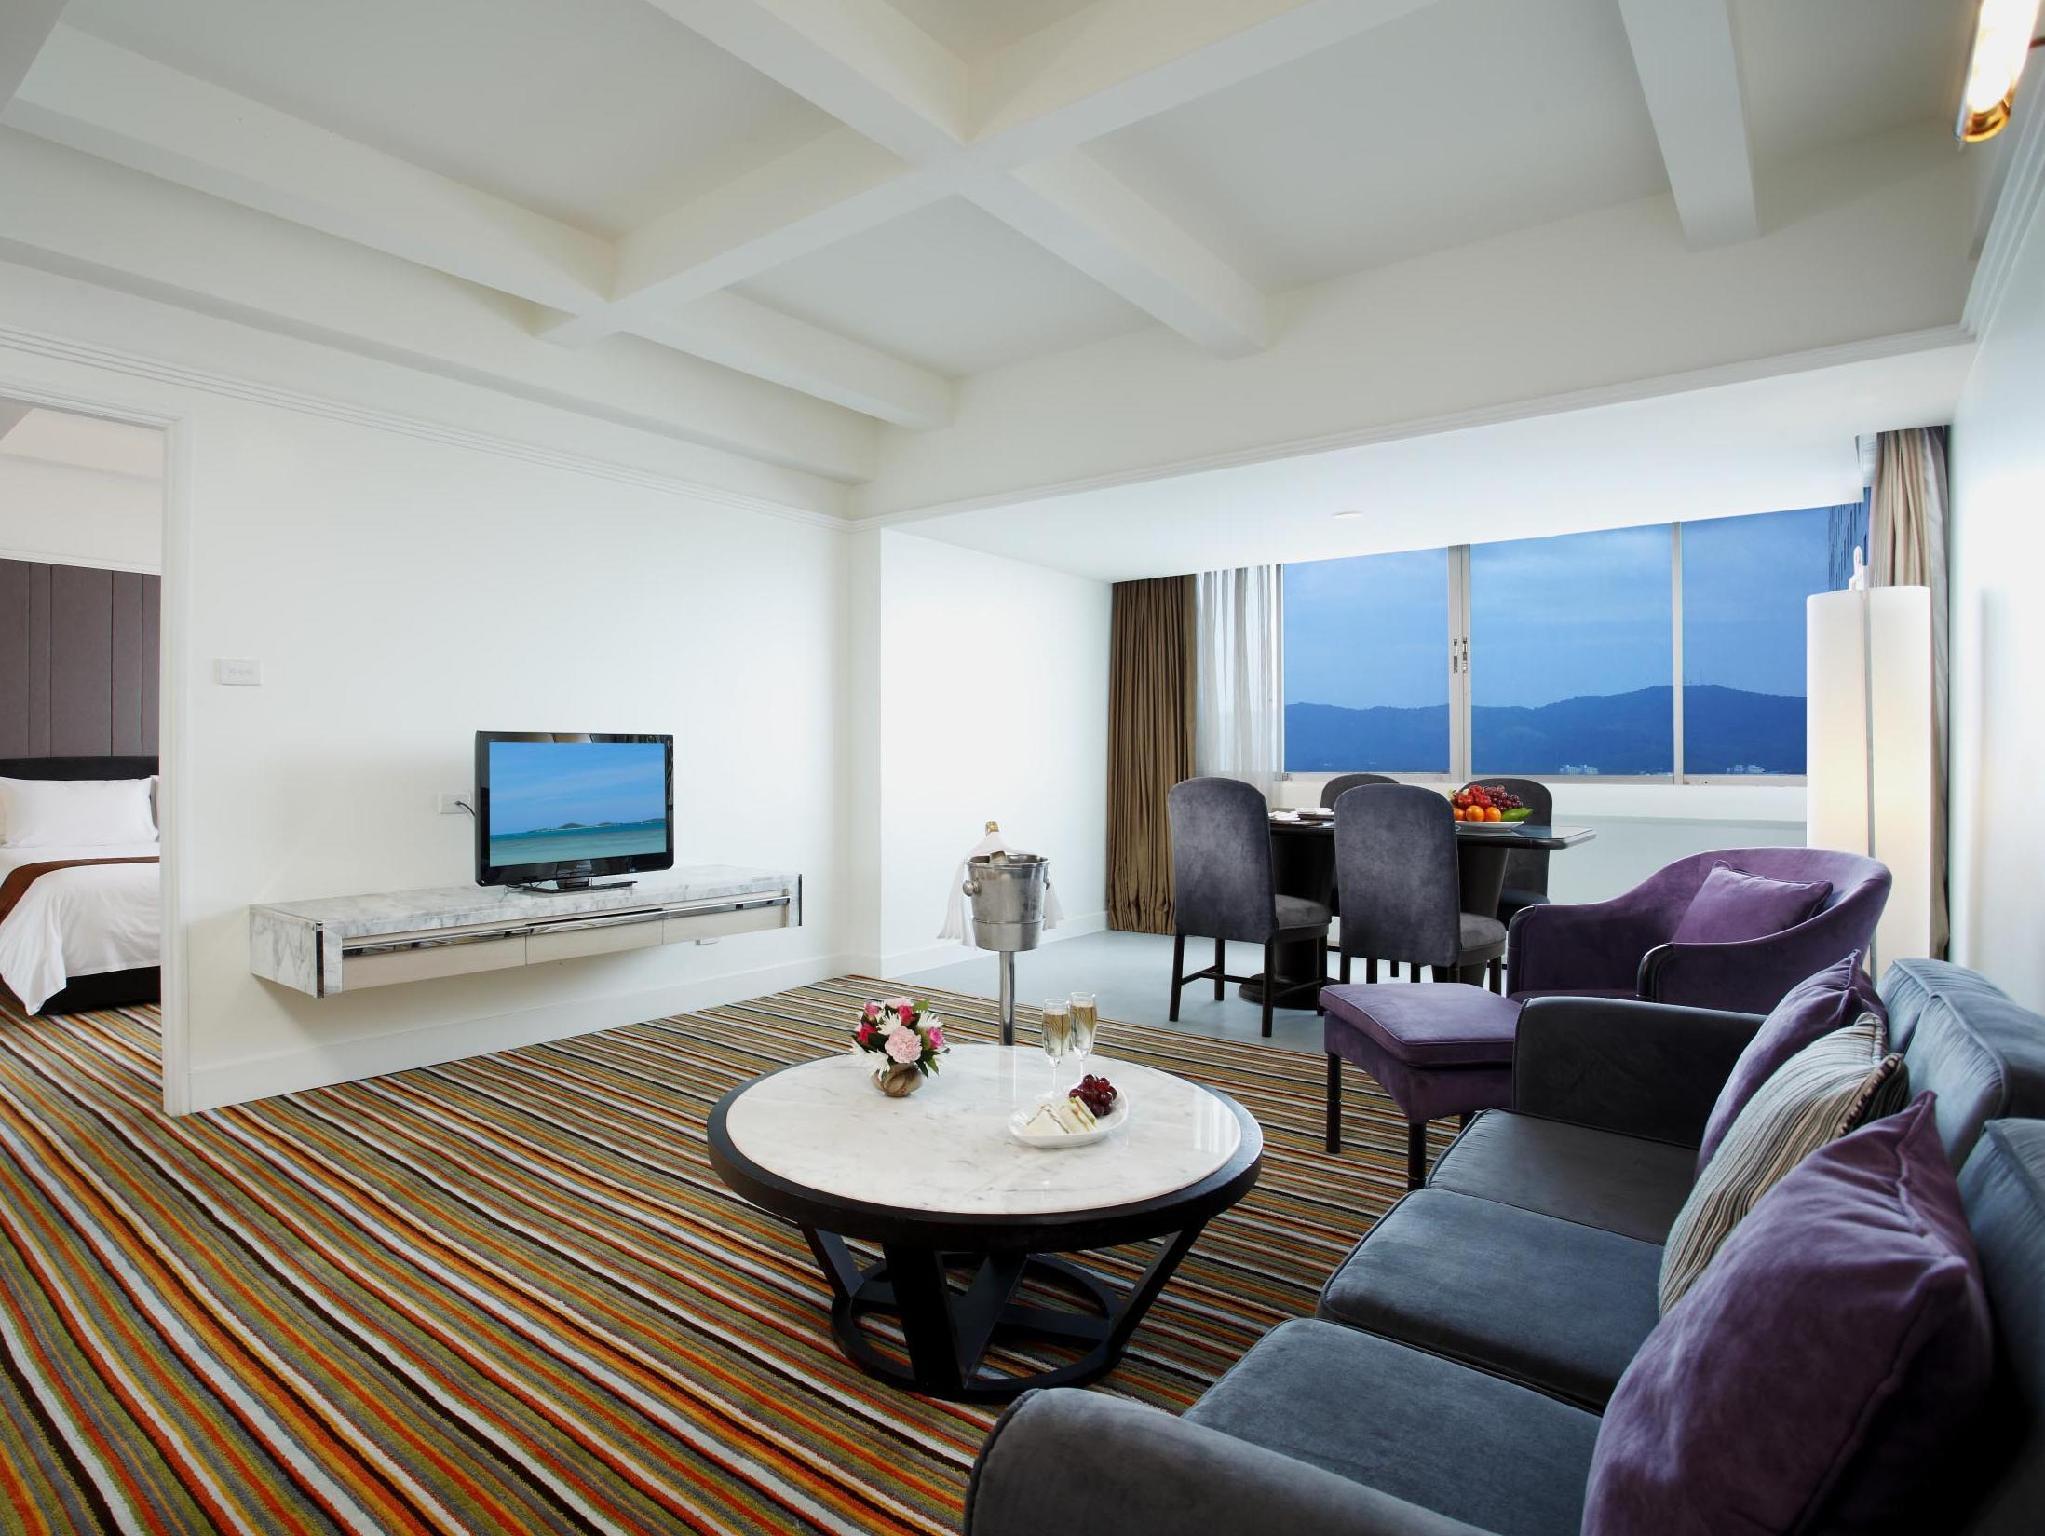 โรงแรมเซ็นทารา หาดใหญ่